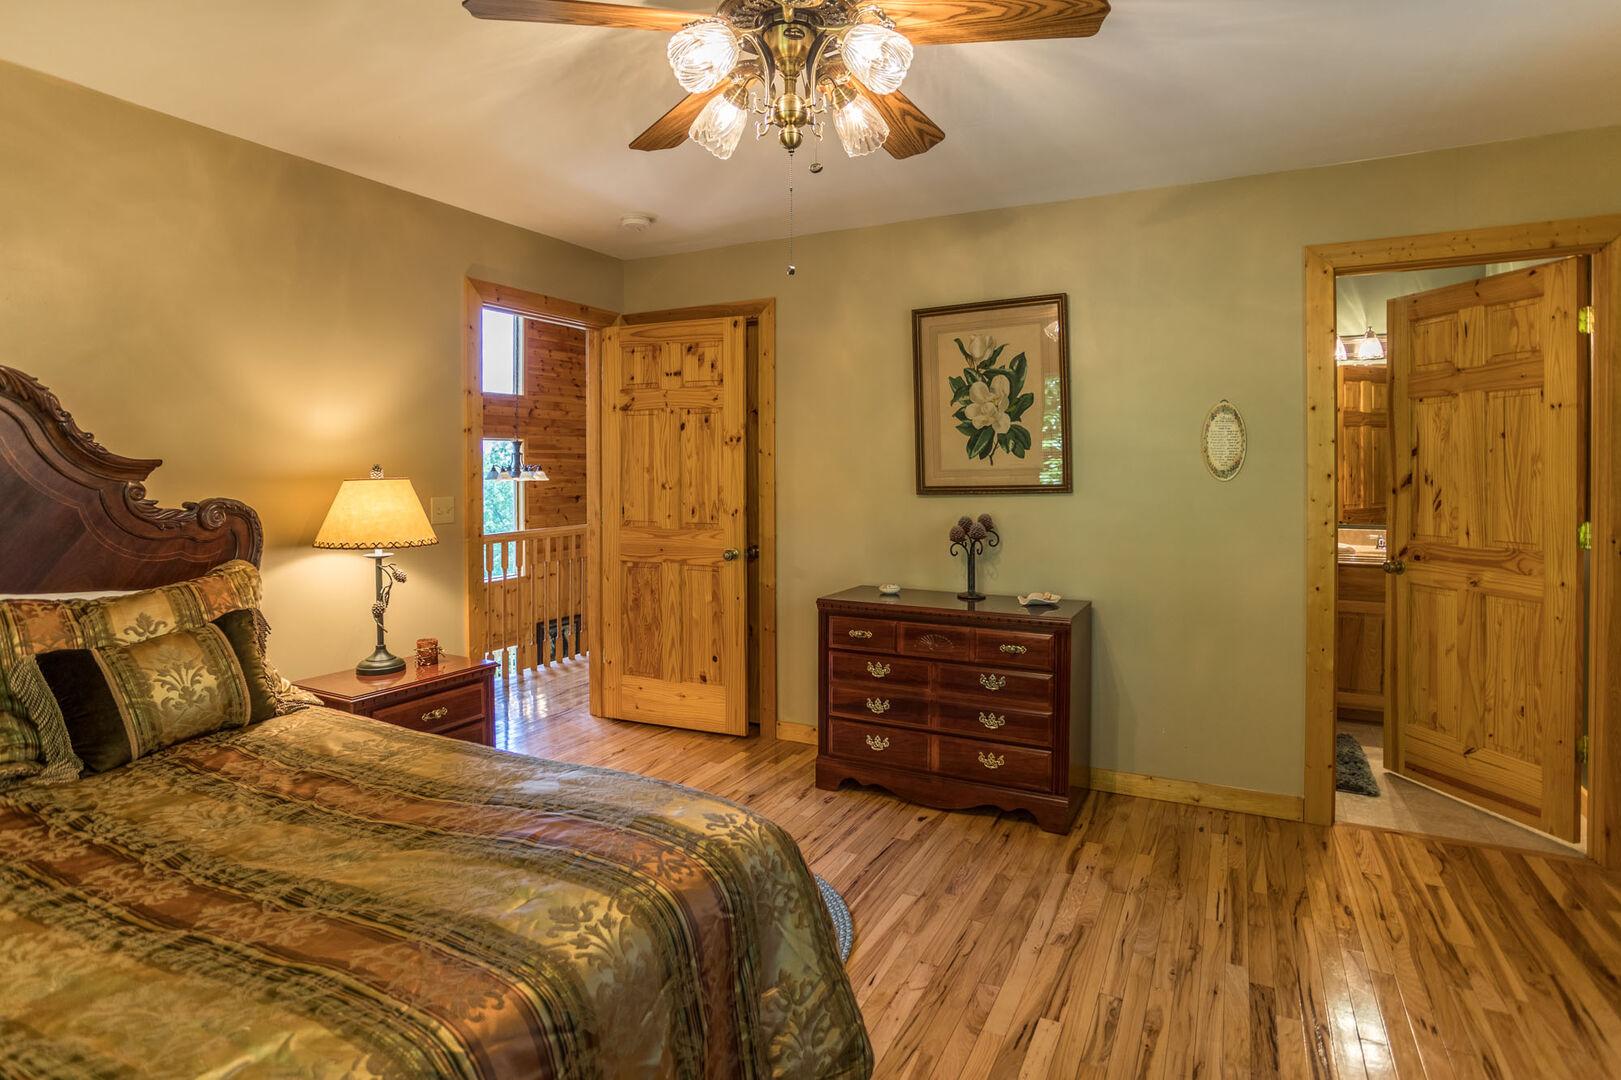 Second bedroom has a full bath